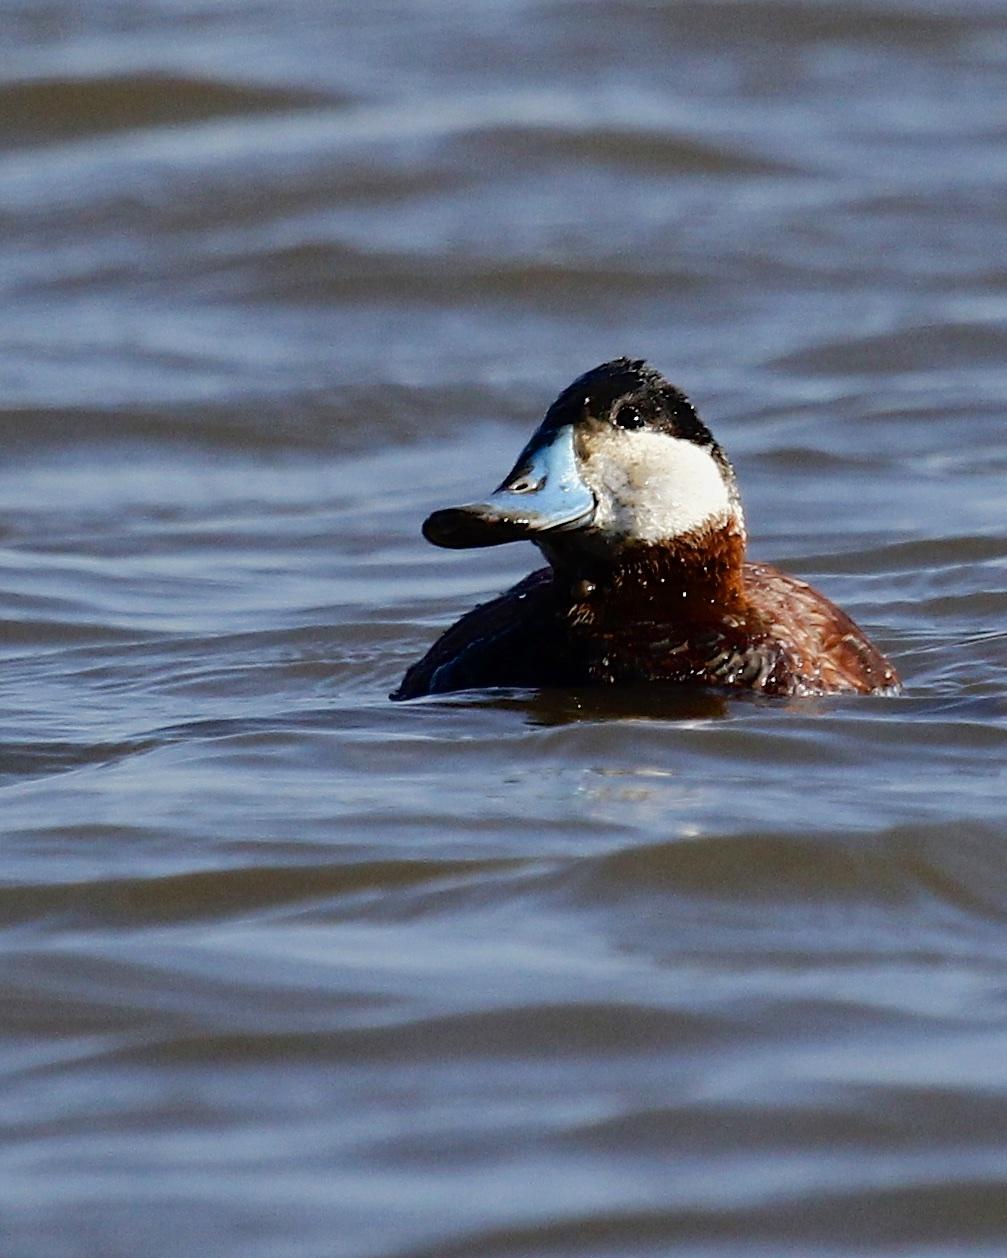 ~Ruddy Duck at Piermont Pier, 4/11/15.~